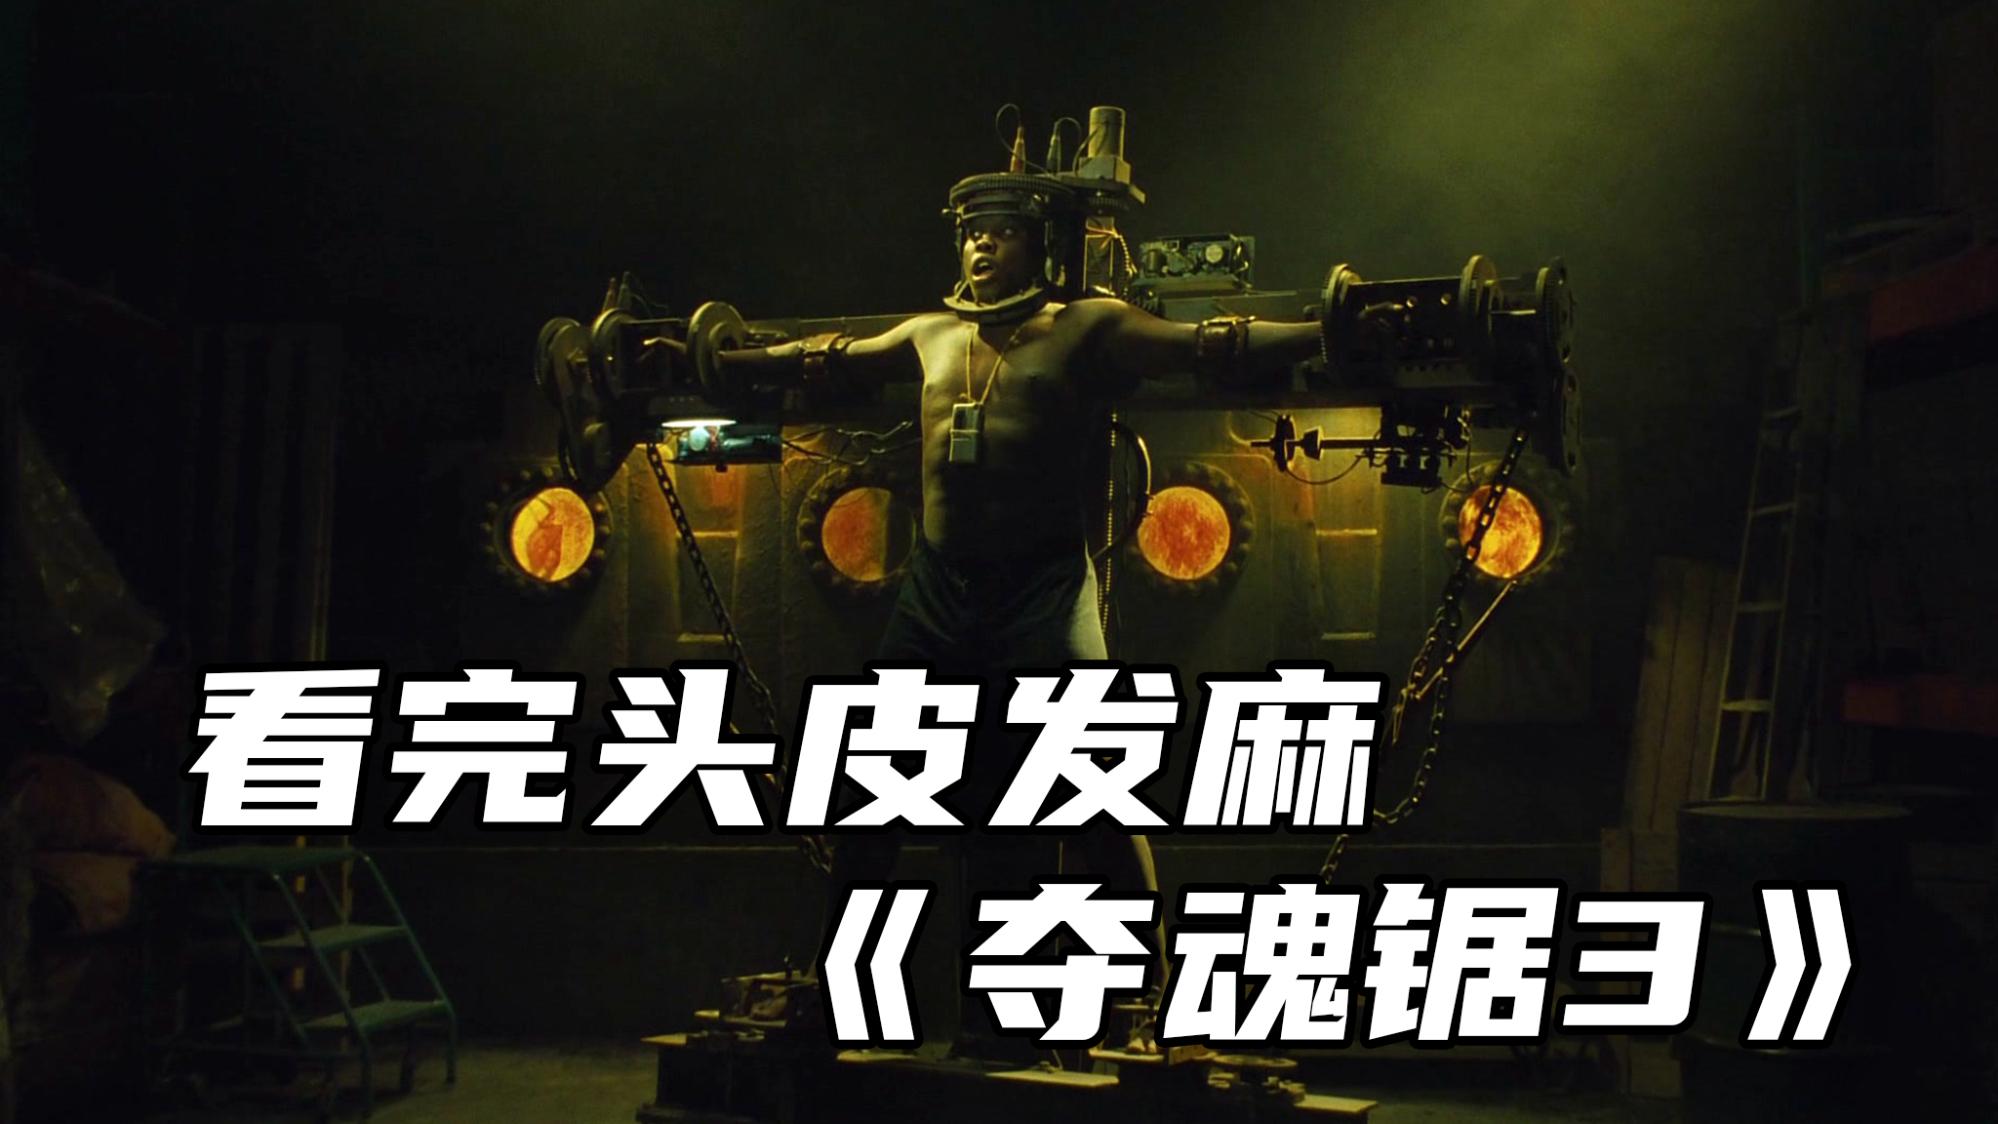 【阿斗】让人头皮发麻!机关算尽最终结局让人意料不到《夺魂锯3》